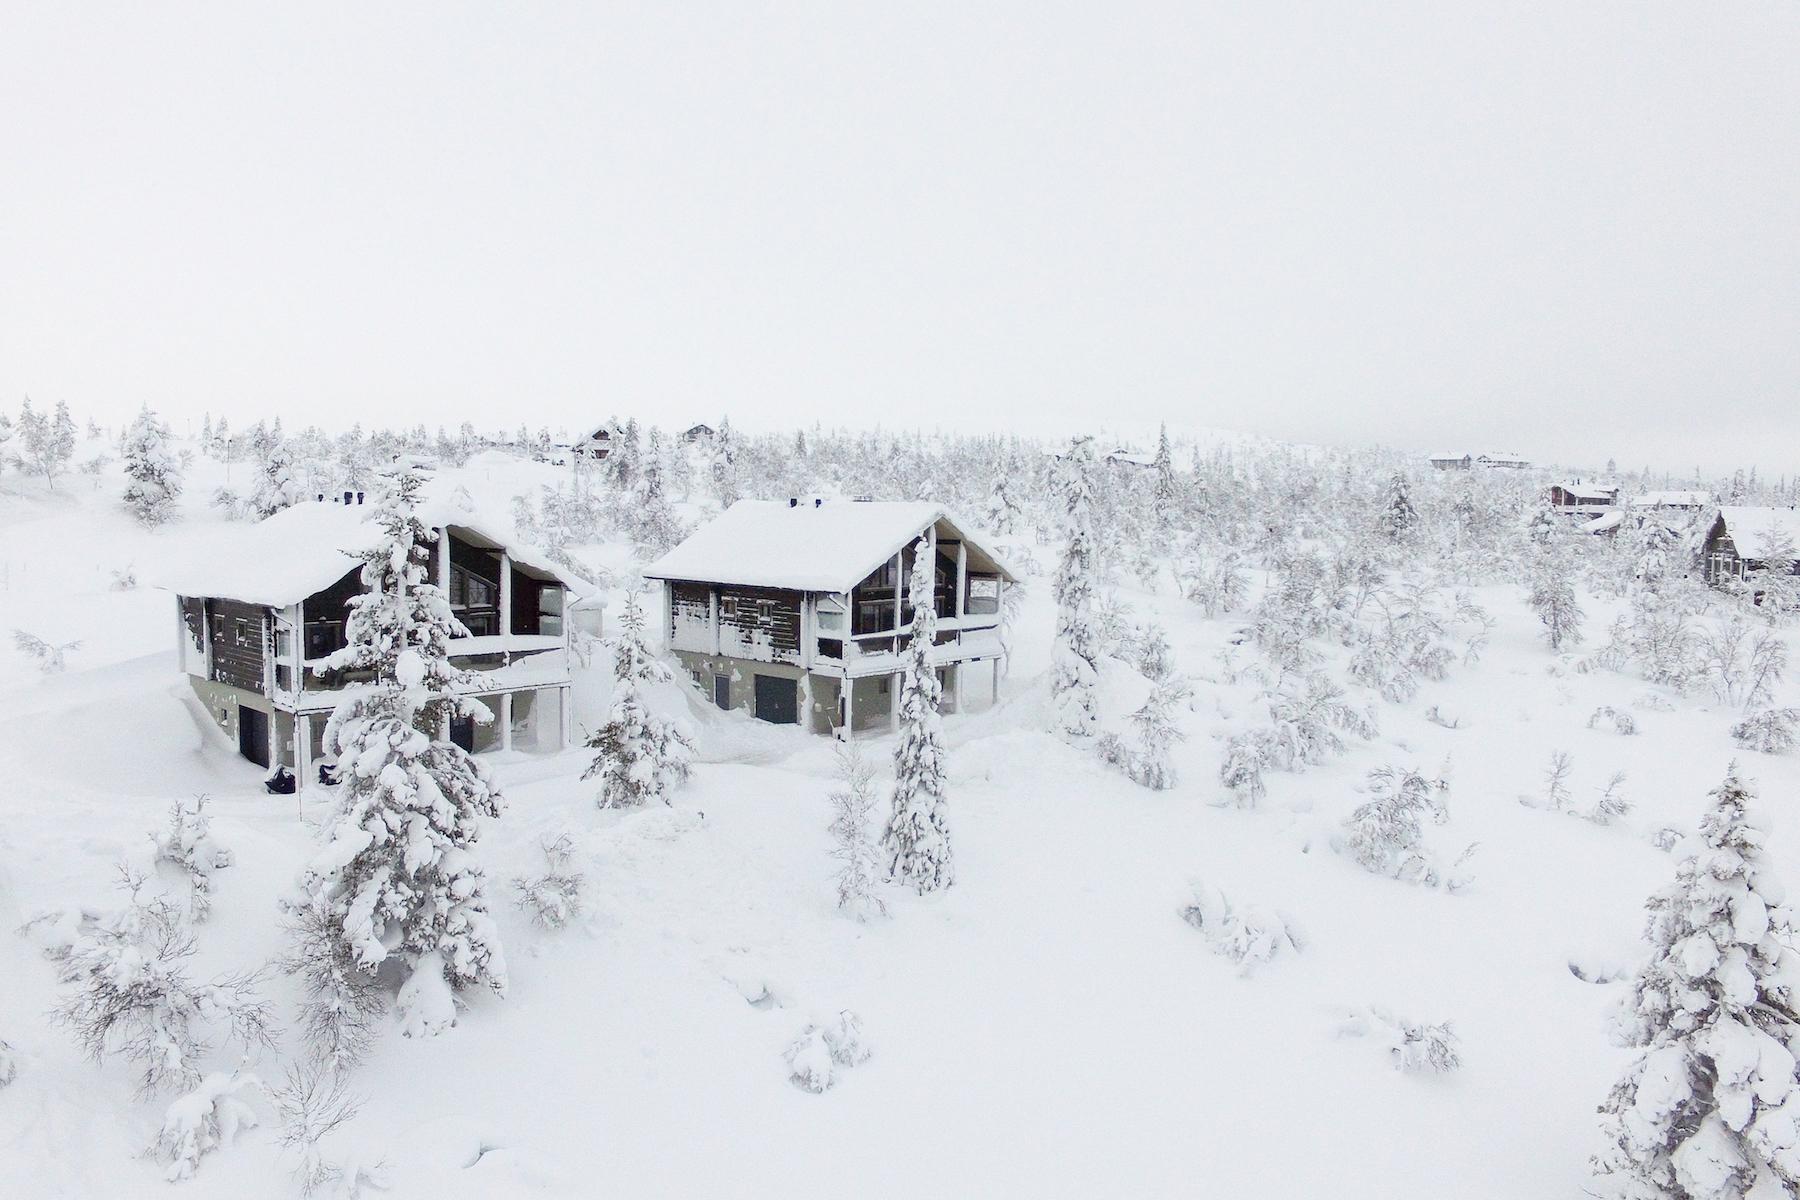 独户住宅 为 销售 在 Arctic Lumo Tuohitie 3 B Other Cities In Finland, Cities In Finland, 99830 Finland